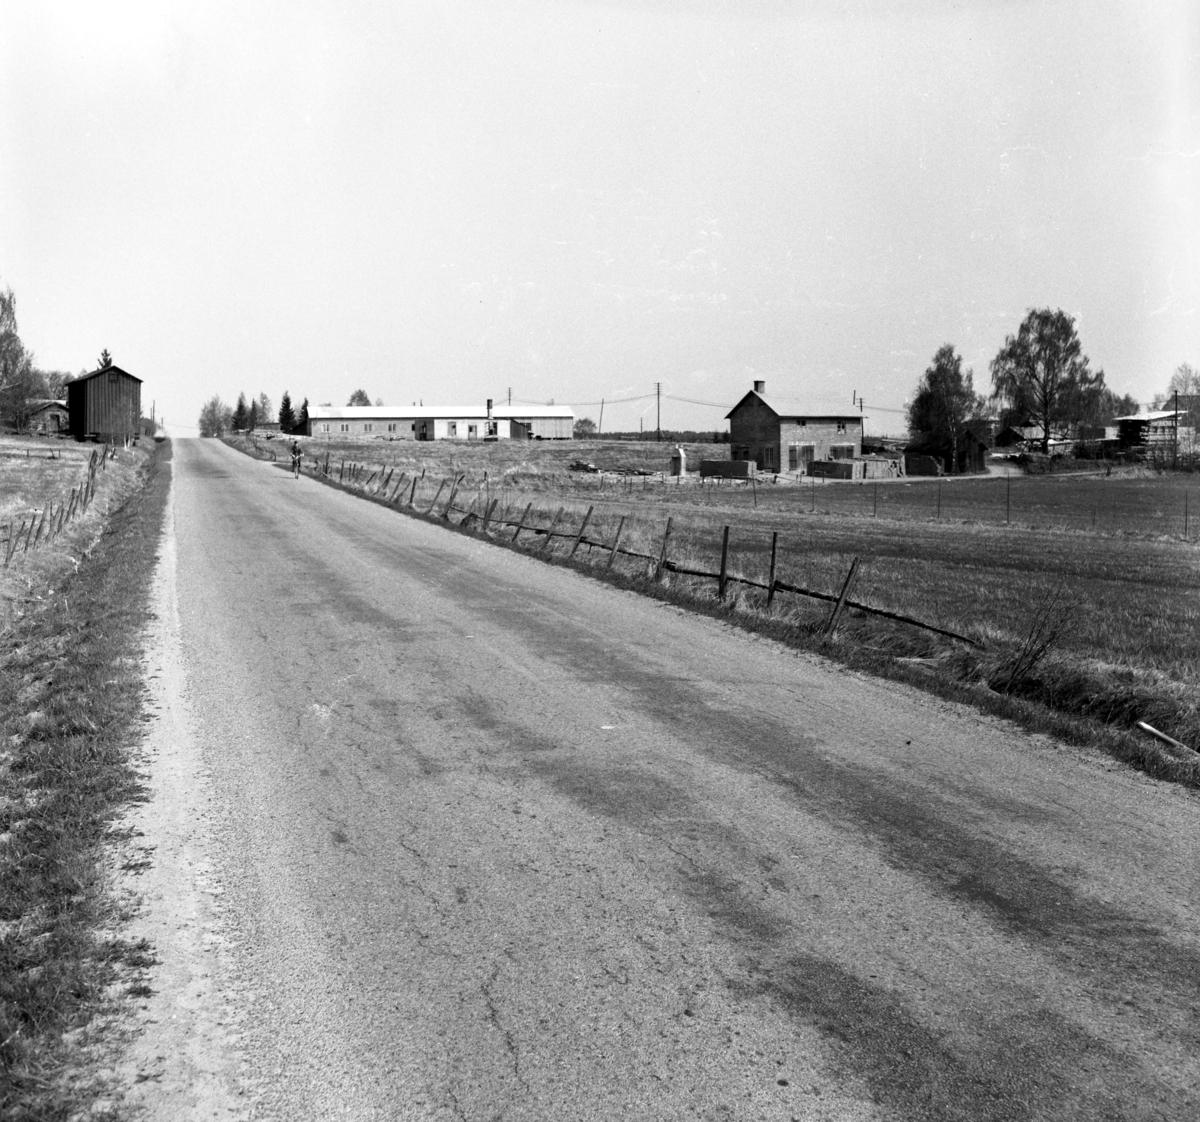 Någonstans i Värmland - från slutet av 1950-talet: Forshaga: Lämna gärna en kommentar om du vet något om bilden.